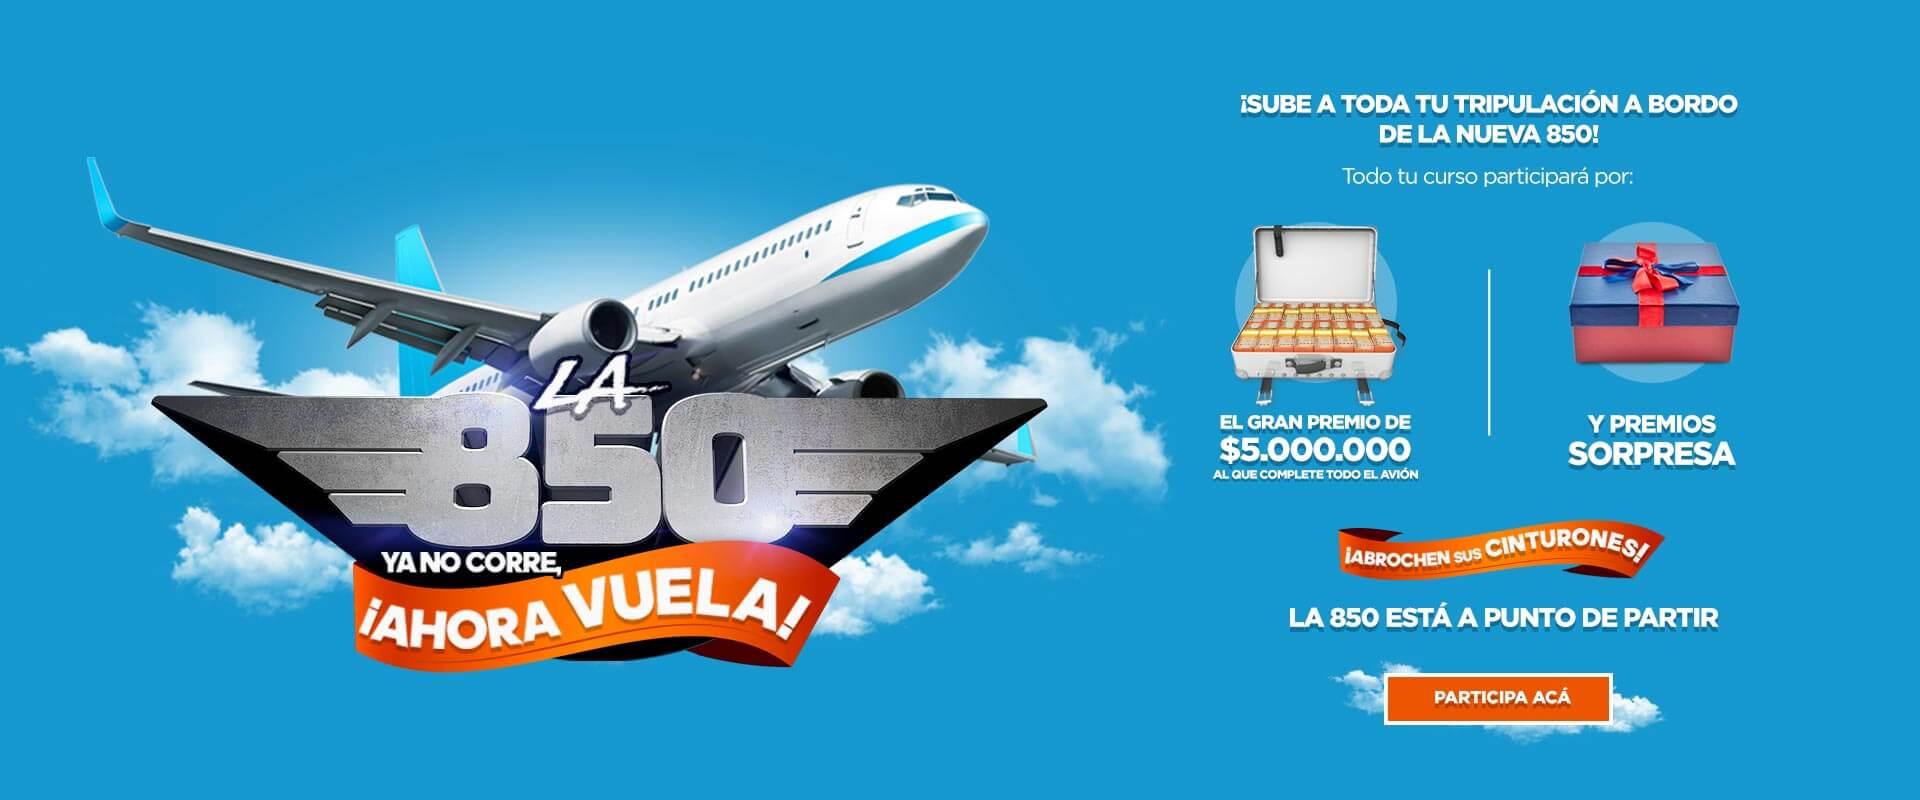 La859 - Preuniversitario Pedro de Valdivia